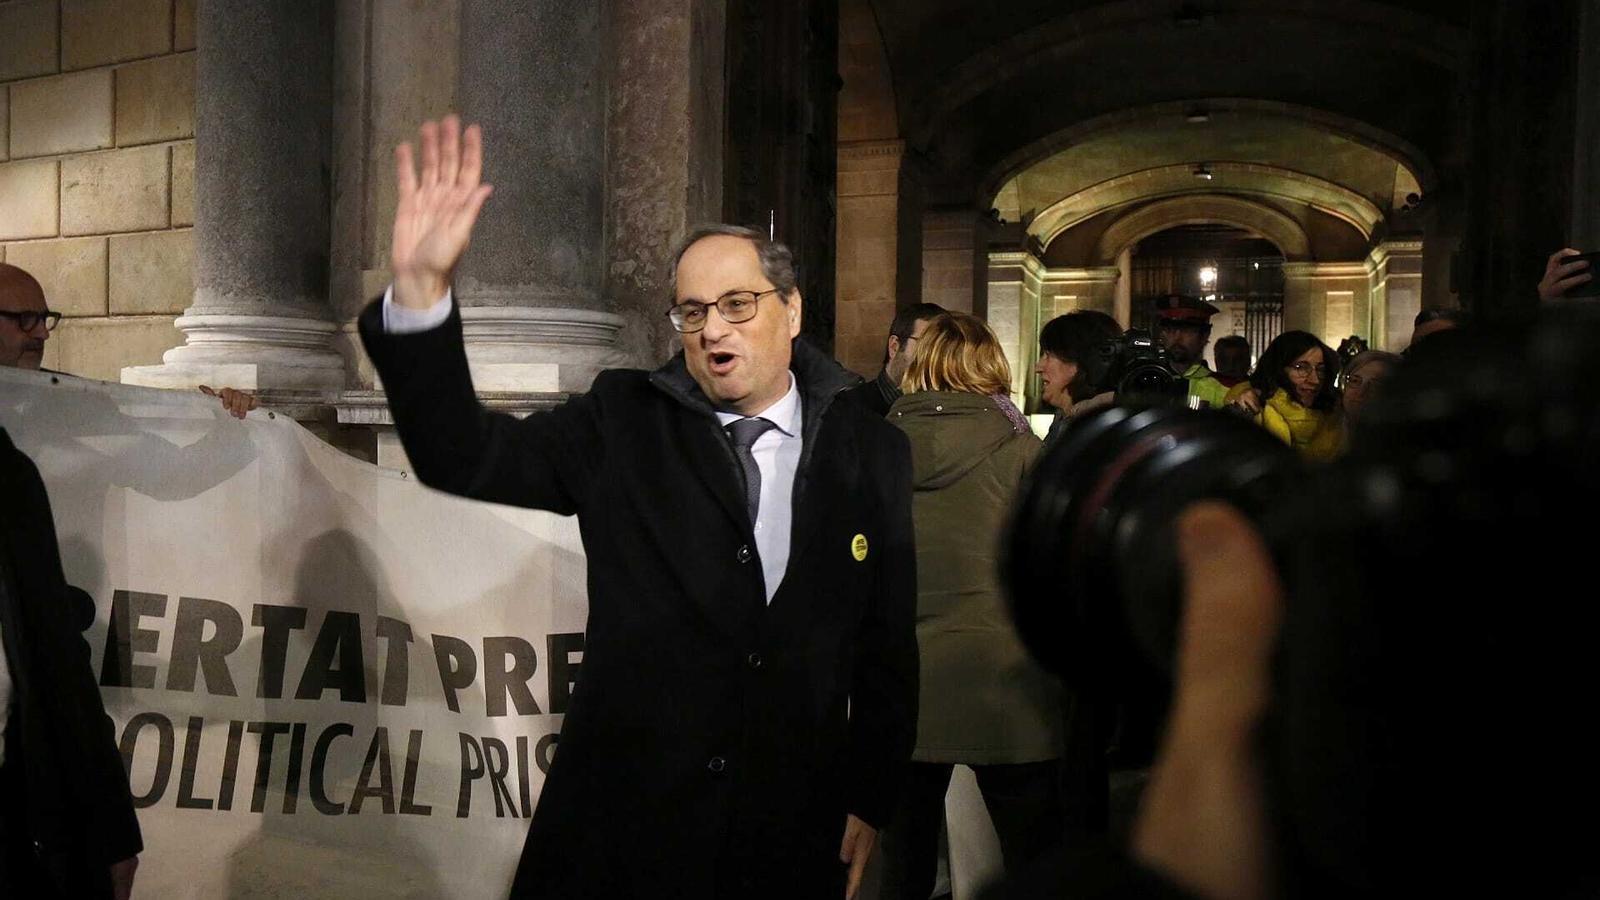 El president Torra, saludant els concentrats a la porta de Palau. Al seu darrere, la pancarta dels presos